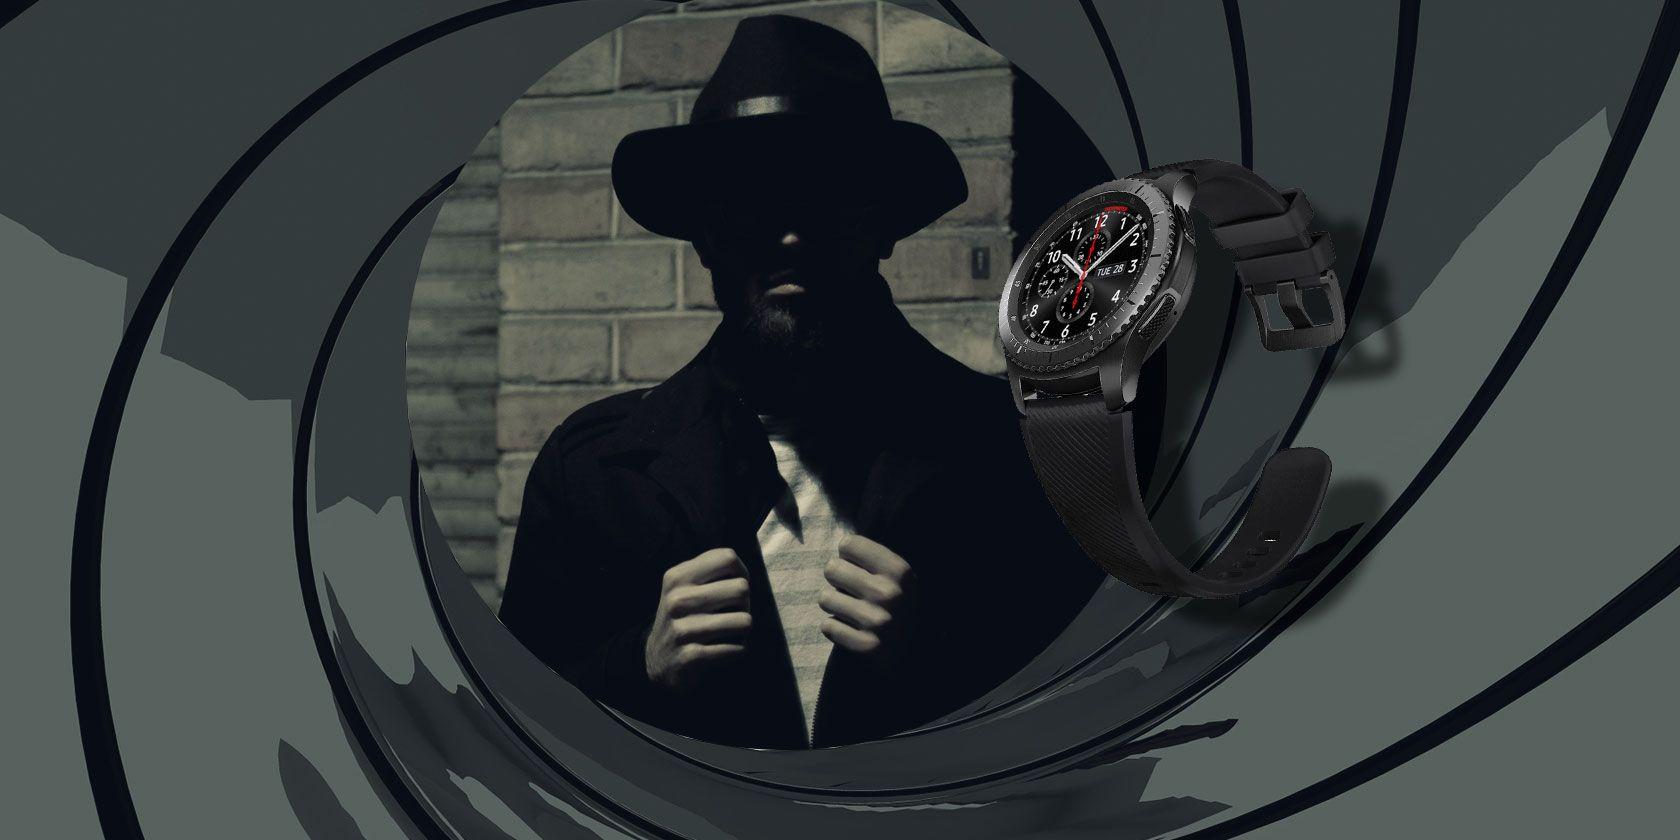 samsung-gear-apps-secret-agent